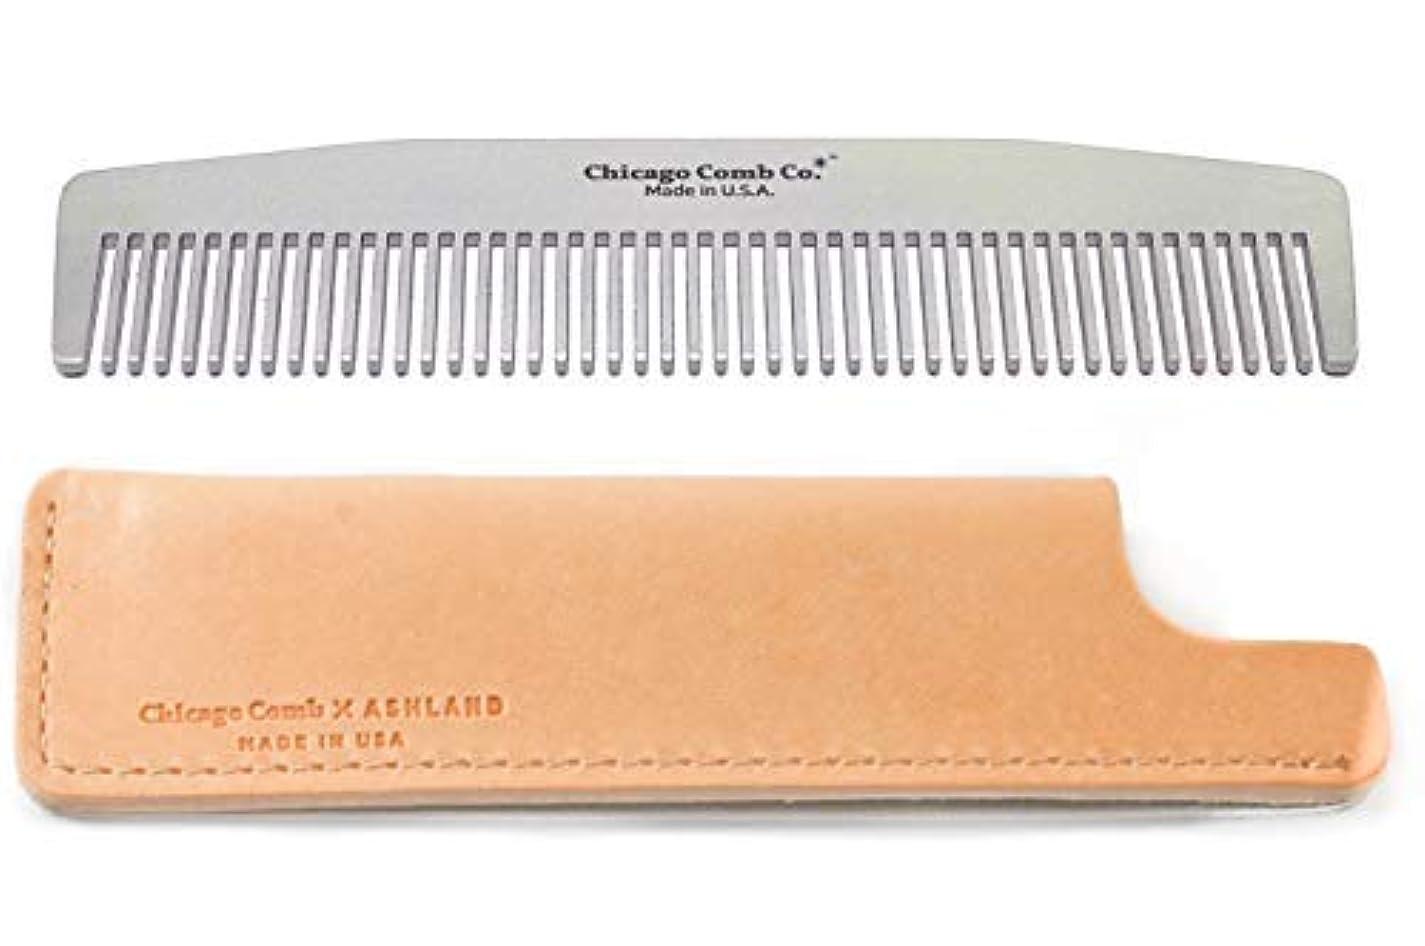 摂氏度探偵頭蓋骨Chicago Comb No. 3 Stainless Steel + Horween Natural Leather Sheath, Made in USA, Ultra-Smooth, Durable, Anti-Static, 5.5 in. (14 cm), Medium-Fine Tines, Ultimate Daily Use Comb, Pocket Comb, Gift Set [並行輸入品]